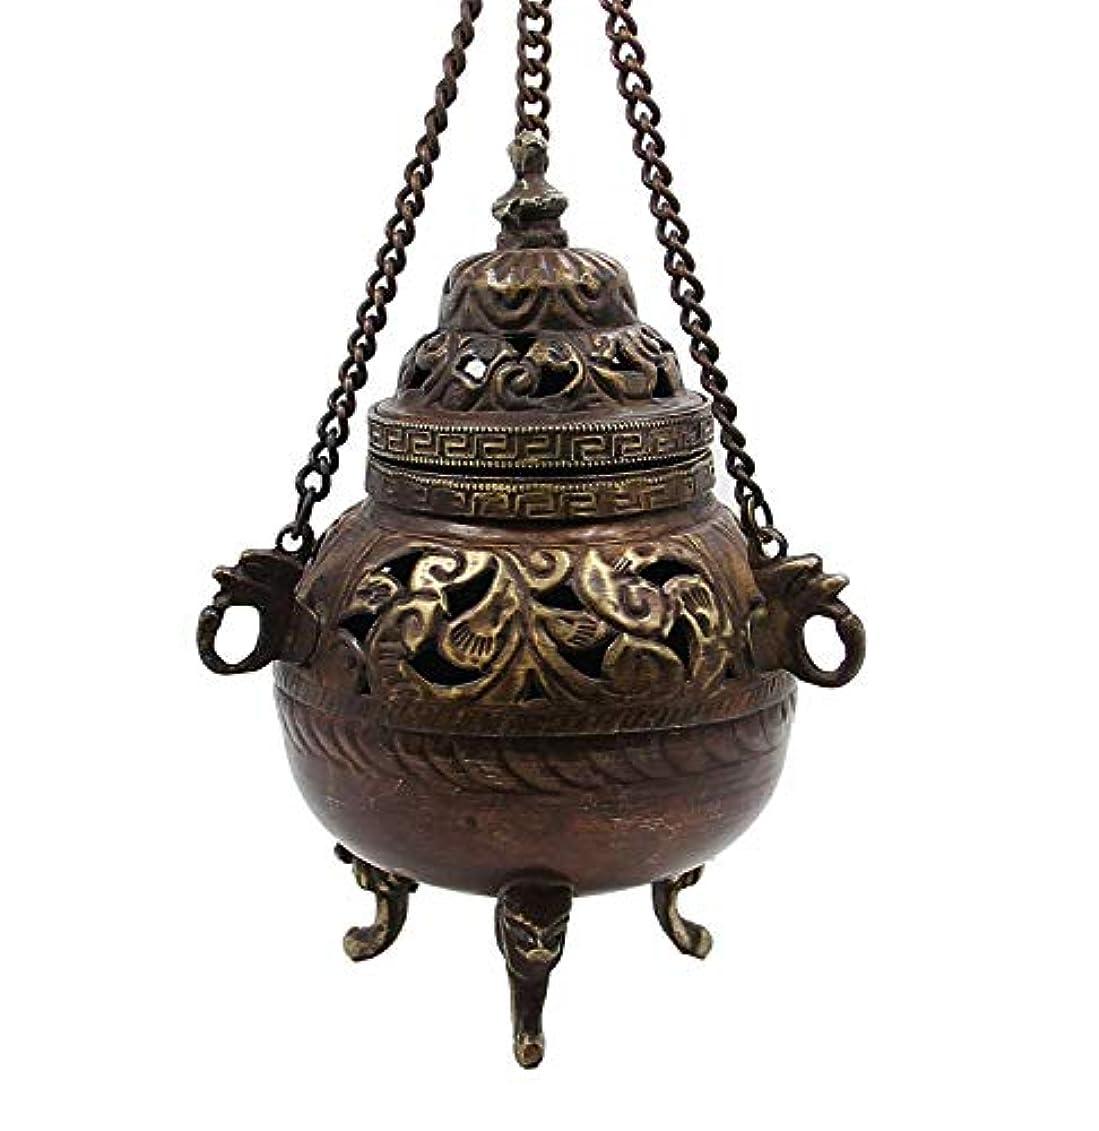 ジャズ期間セミナーチベット従来DharmaObjects Hanging香炉銅5 cm高